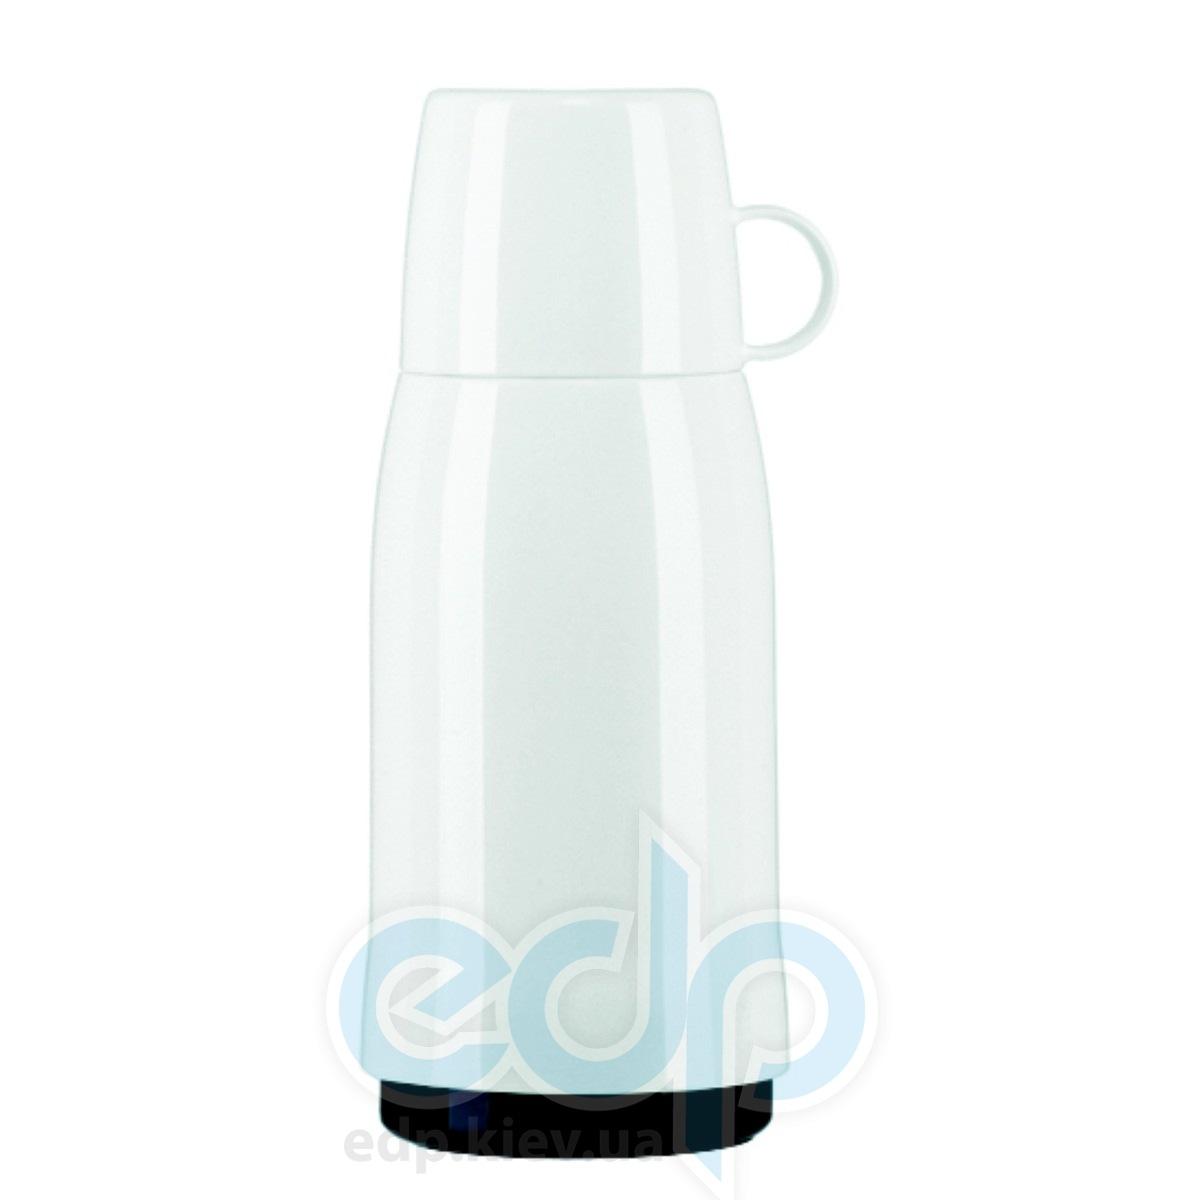 Emsa - Термос белый Rocket объем 0.5 л стеклянная колба (арт. 502443)